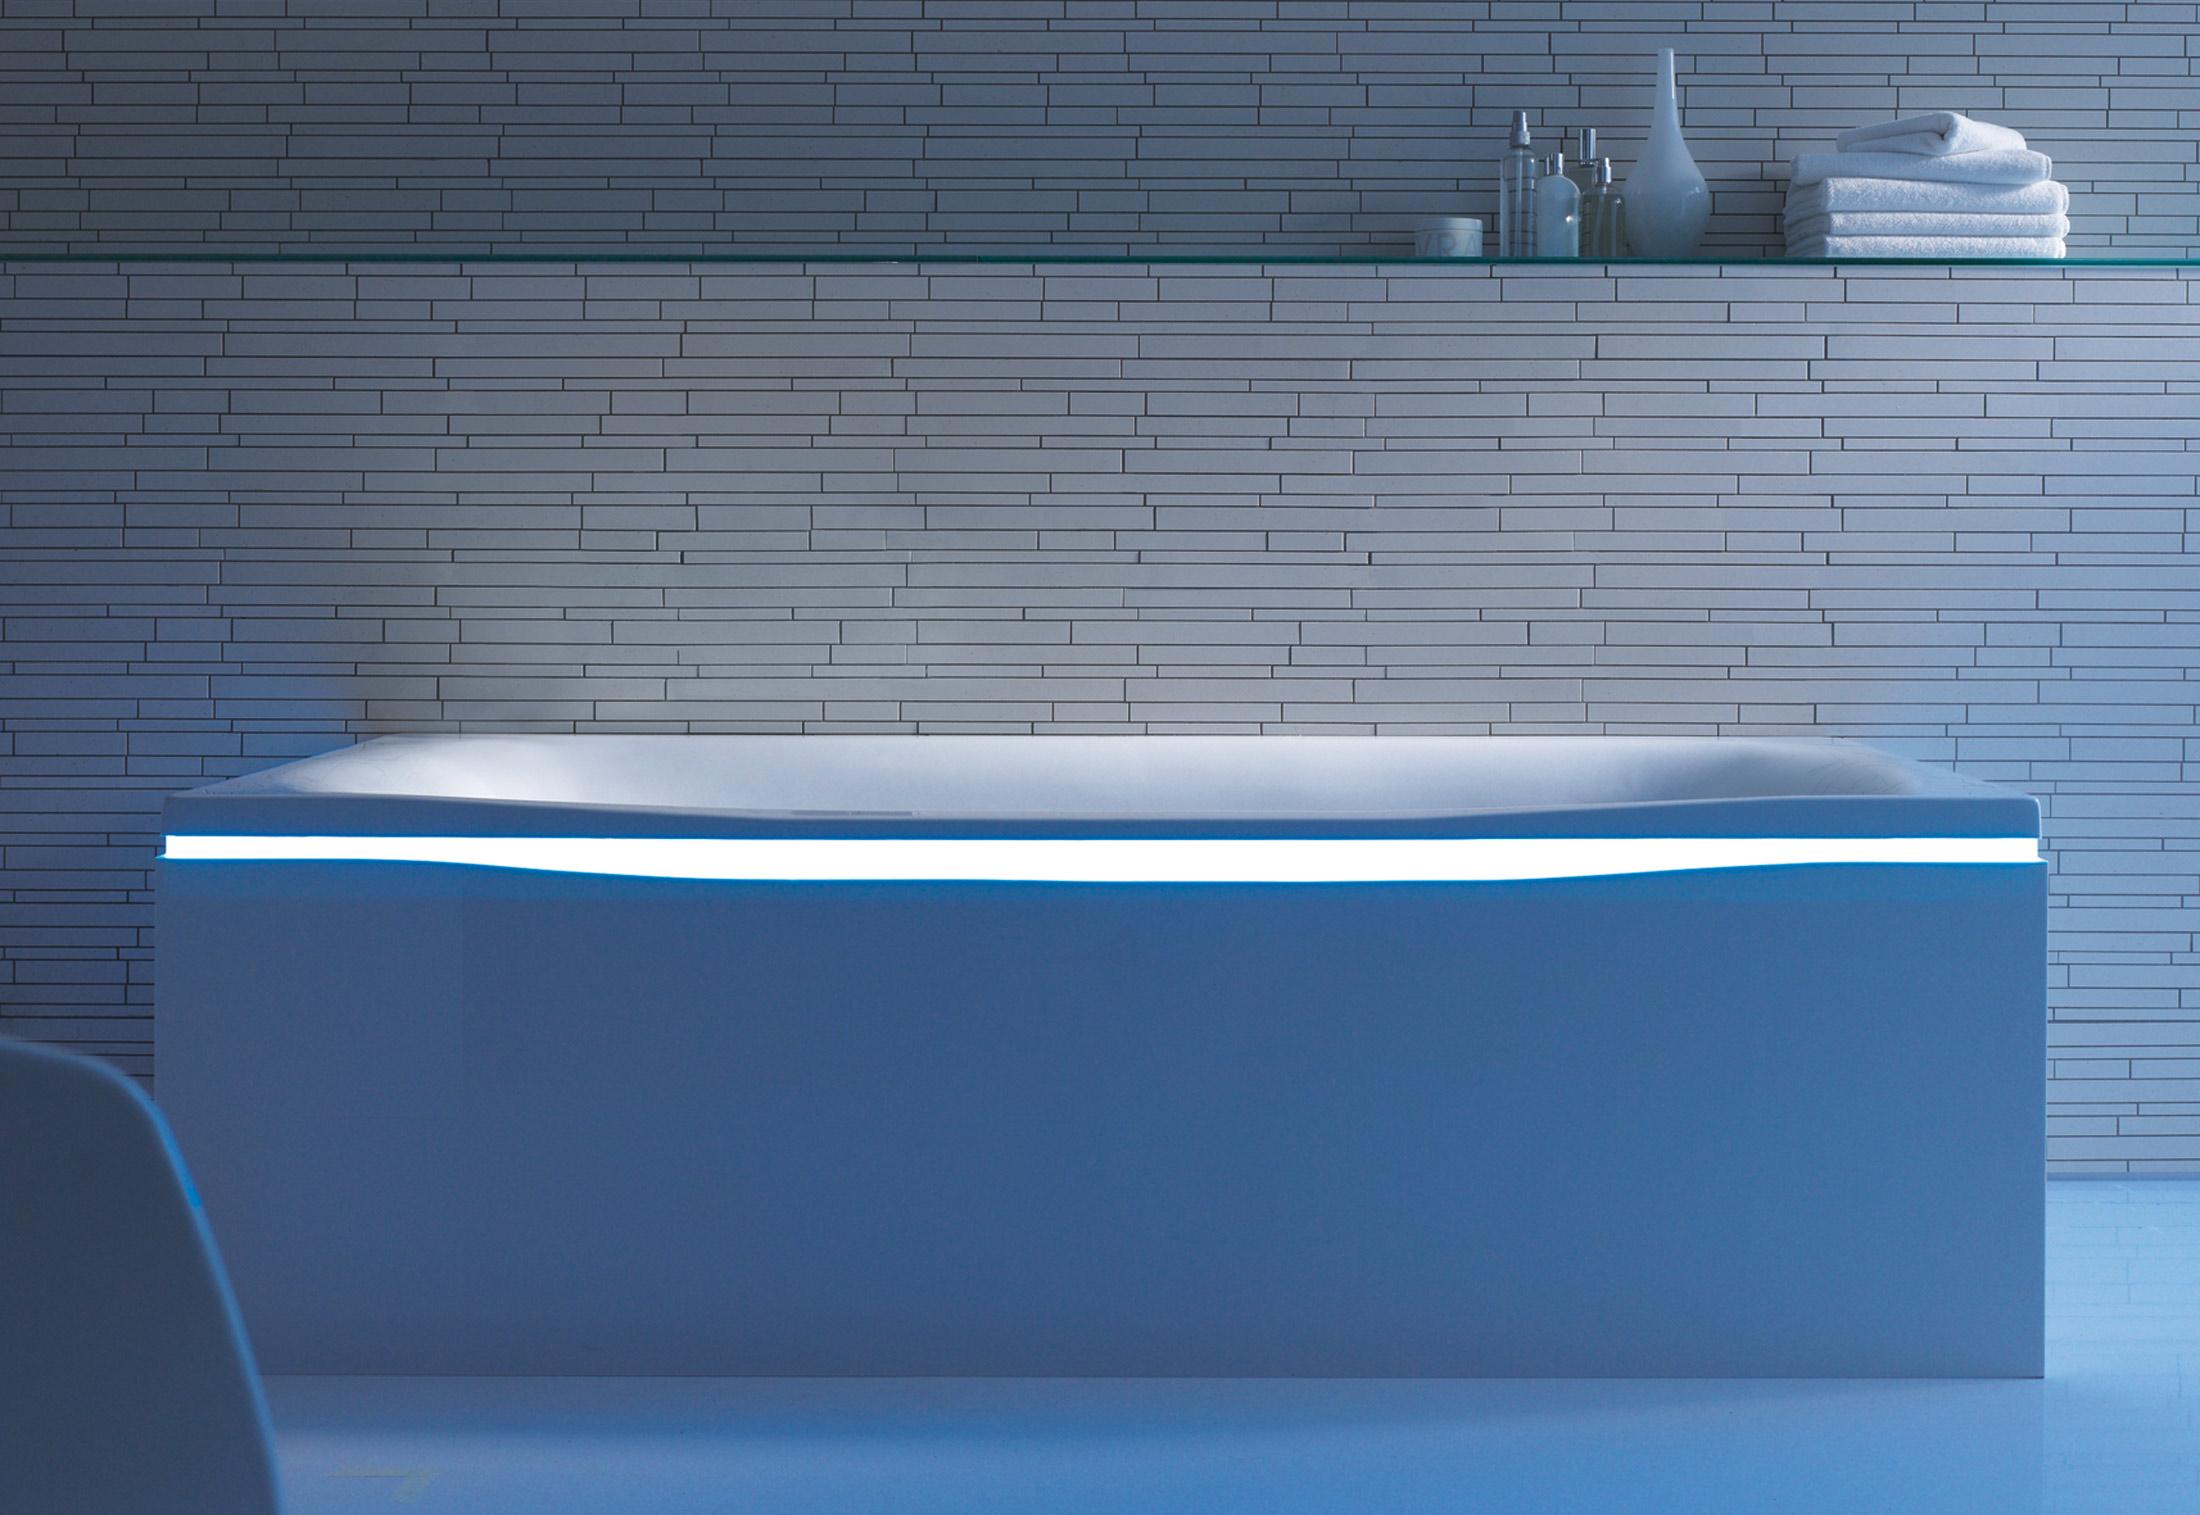 PuraVida bathtub by Duravit | STYLEPARK